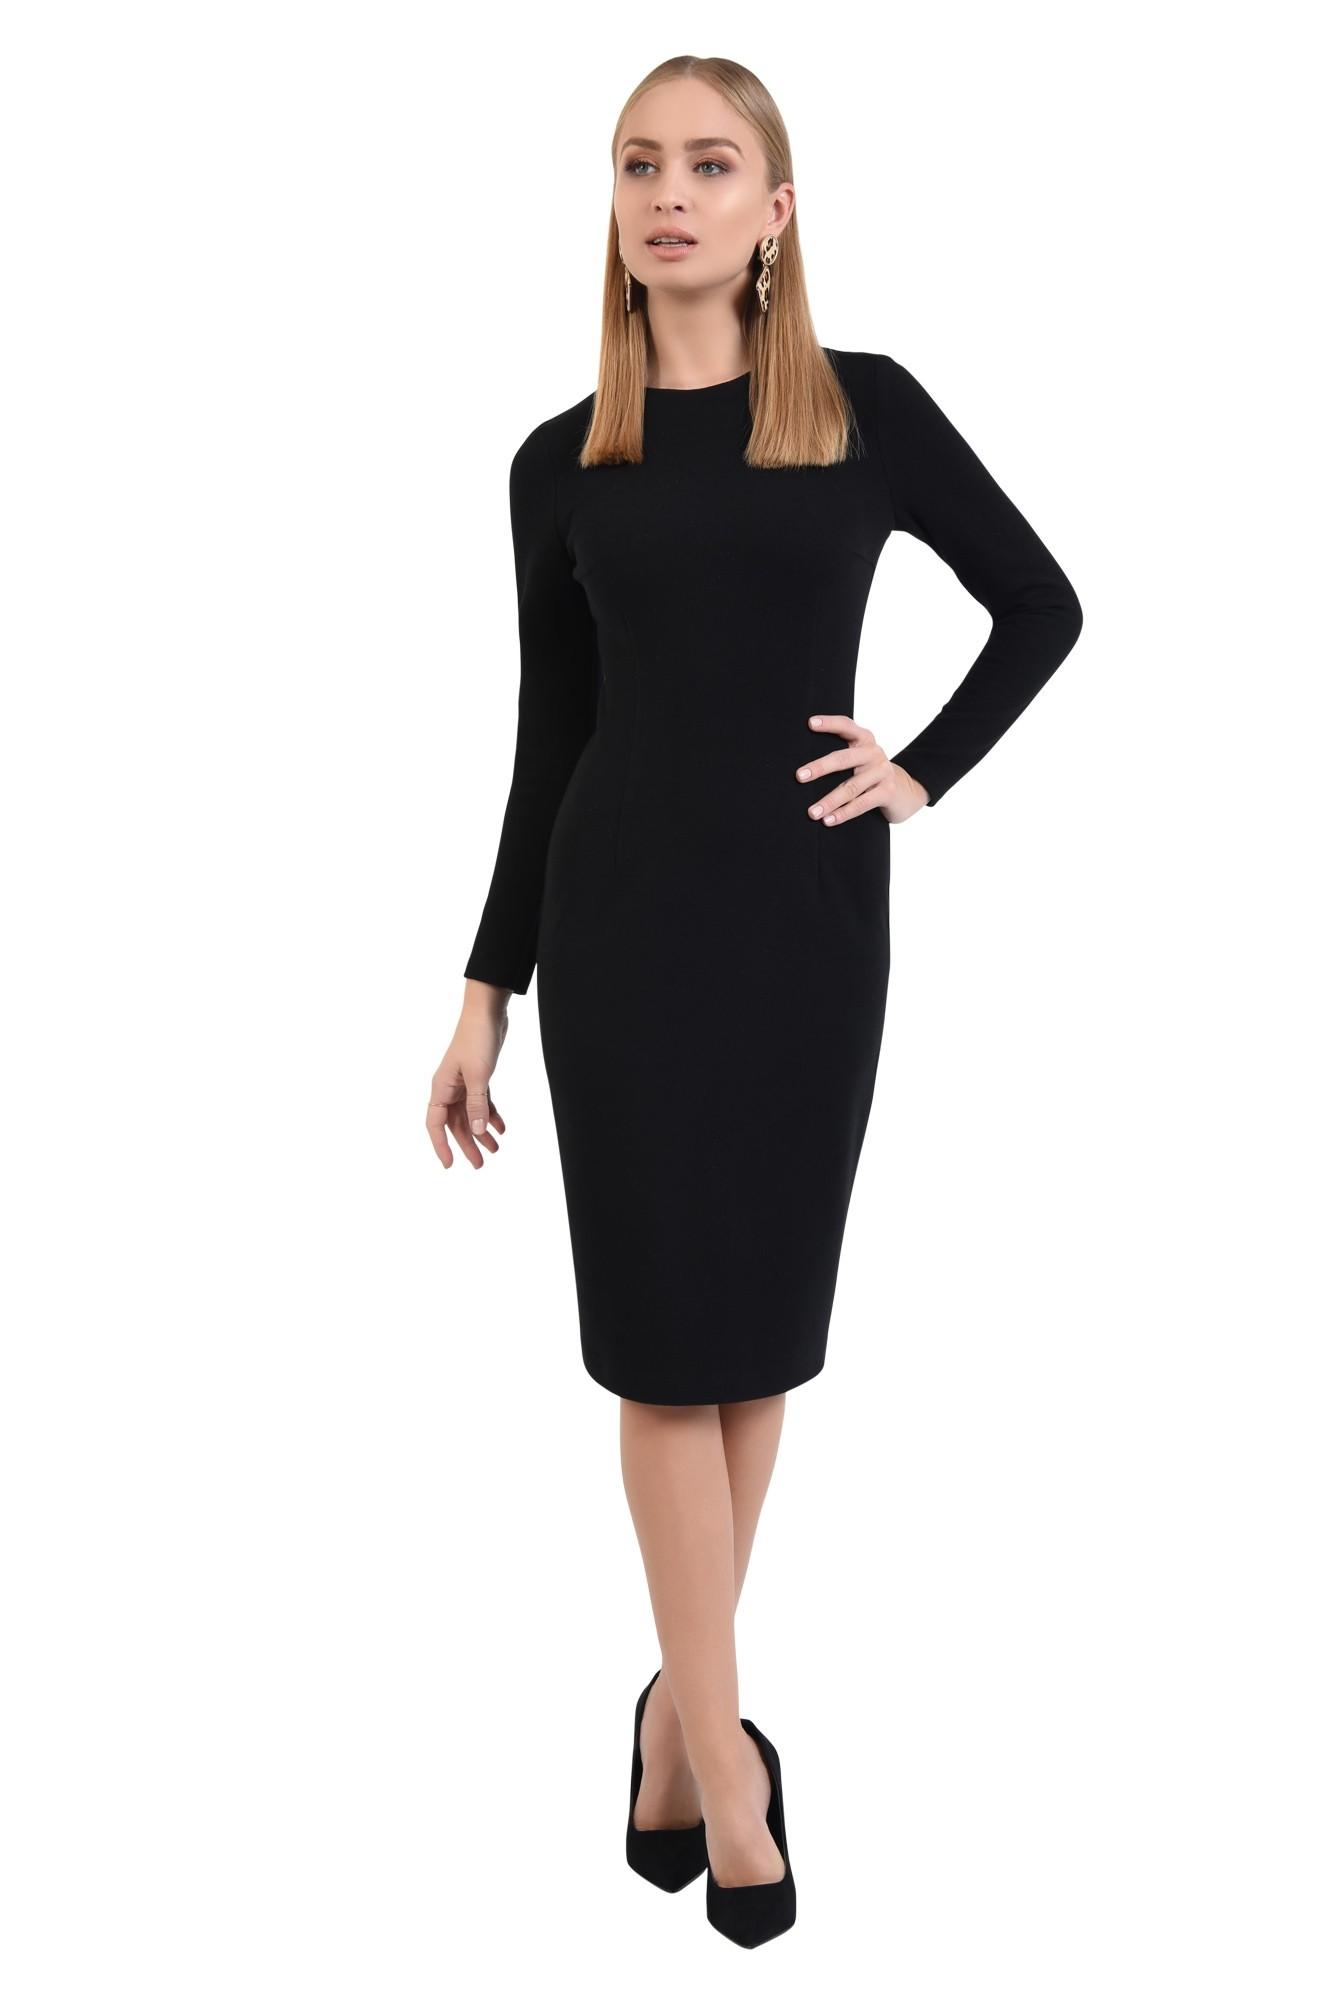 3 - 360 - rochie neagra, cambrata, casual, tricotata, rochii online